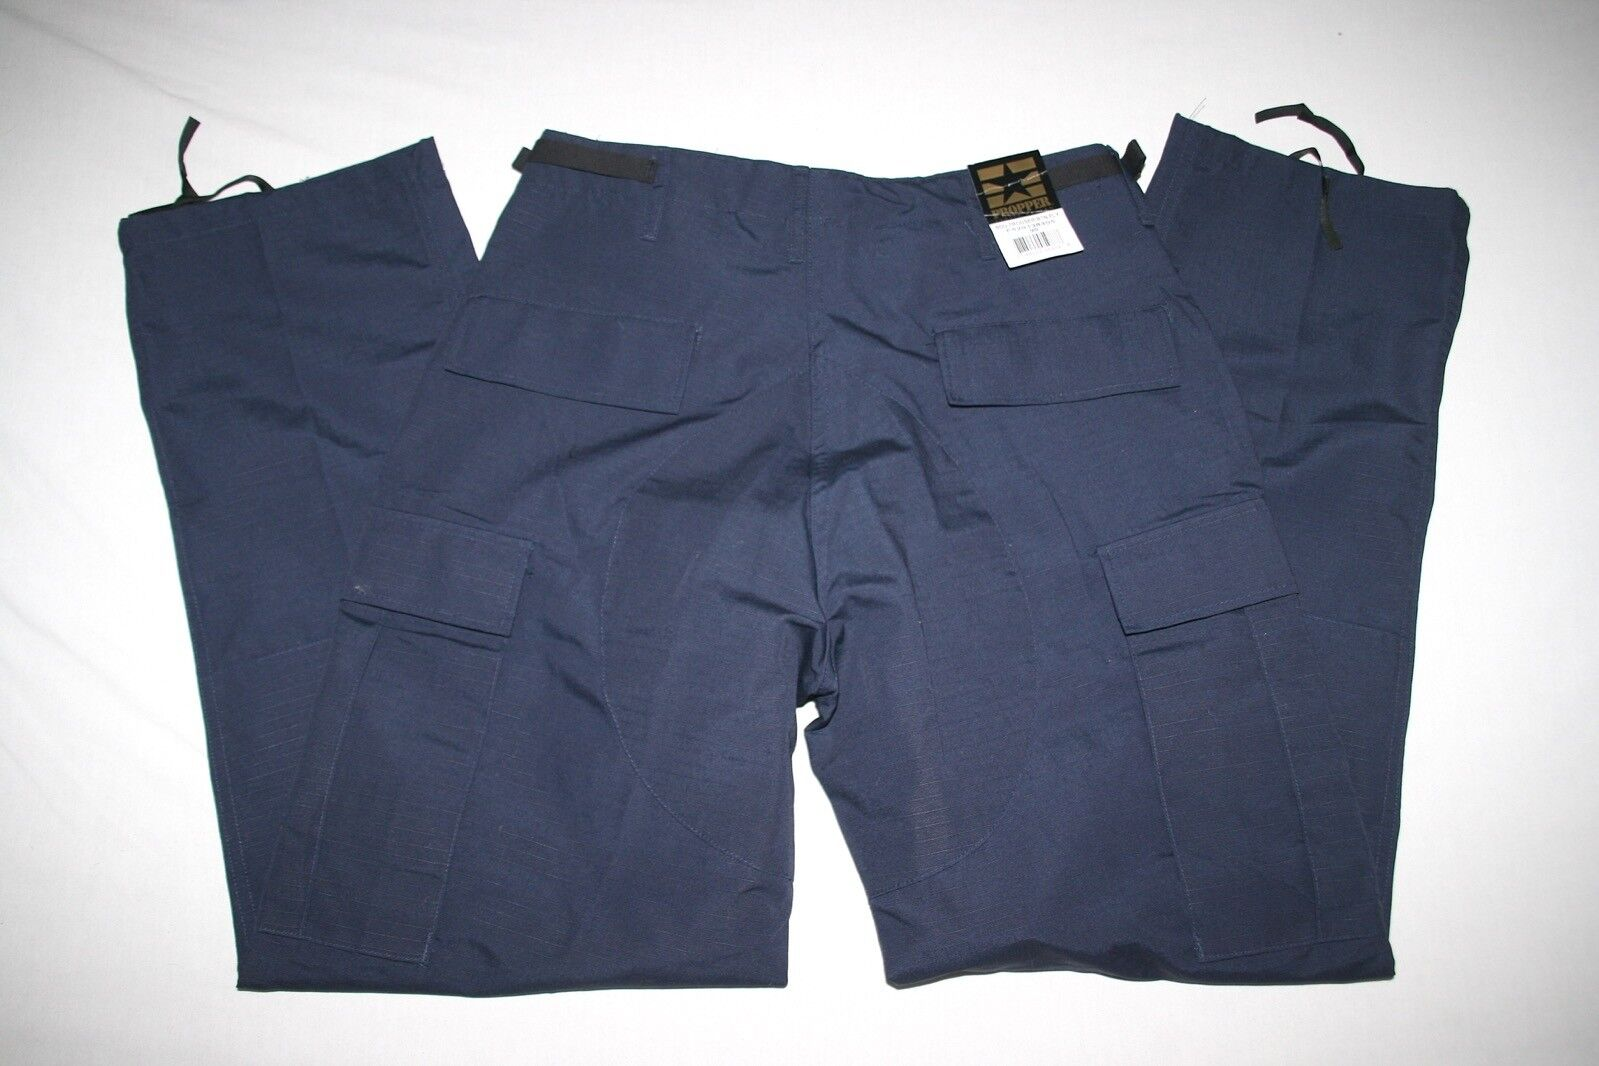 Propper Public Saftey Tactical Cargo Pant Men M 31-35 x 29.5-32.5 bluee NEW